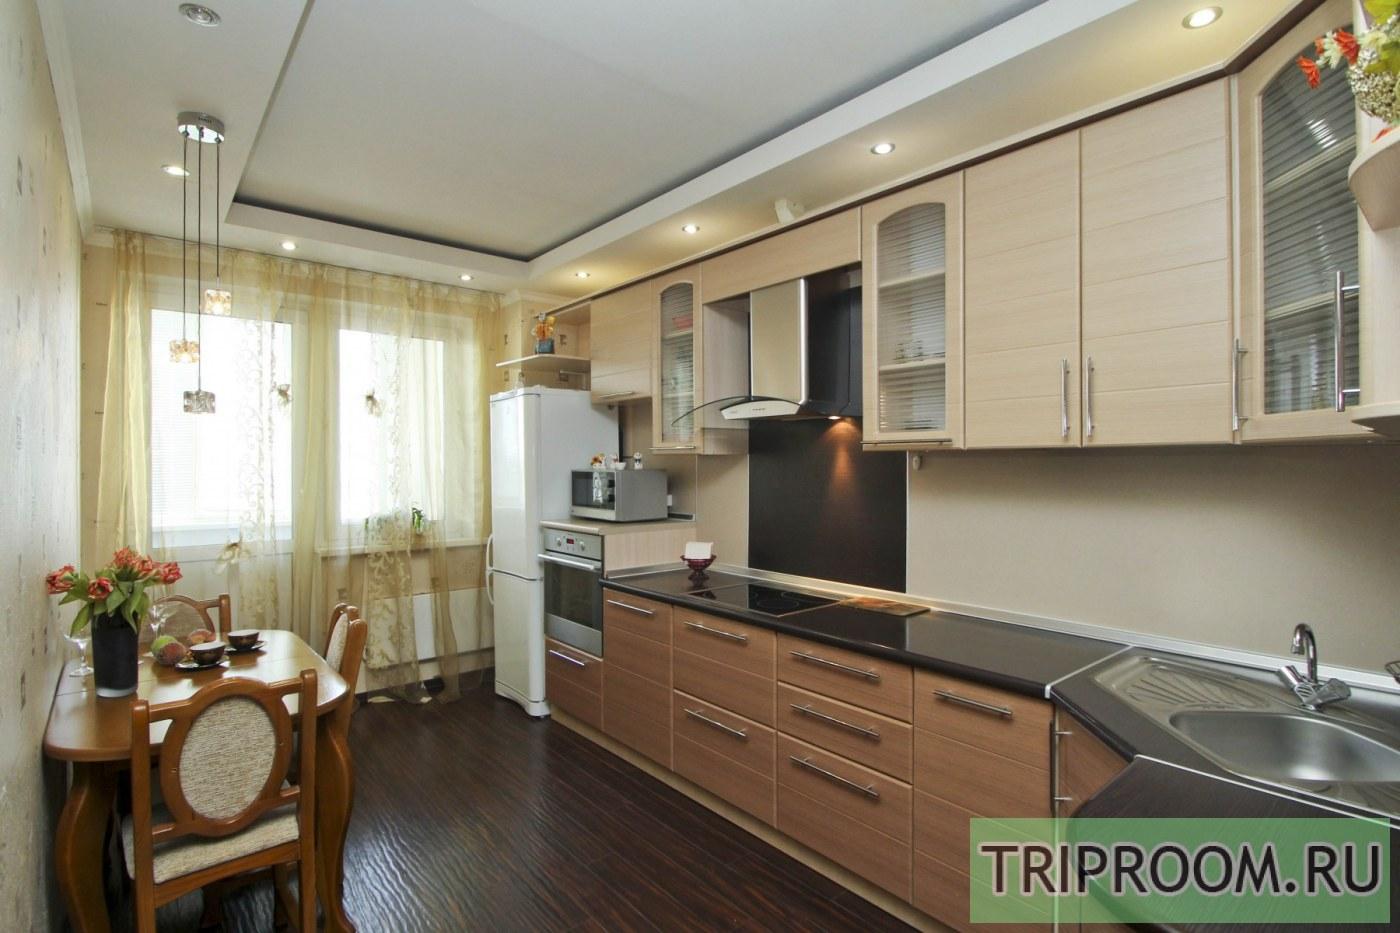 2-комнатная квартира посуточно (вариант № 37513), ул. Университетская улица, фото № 5